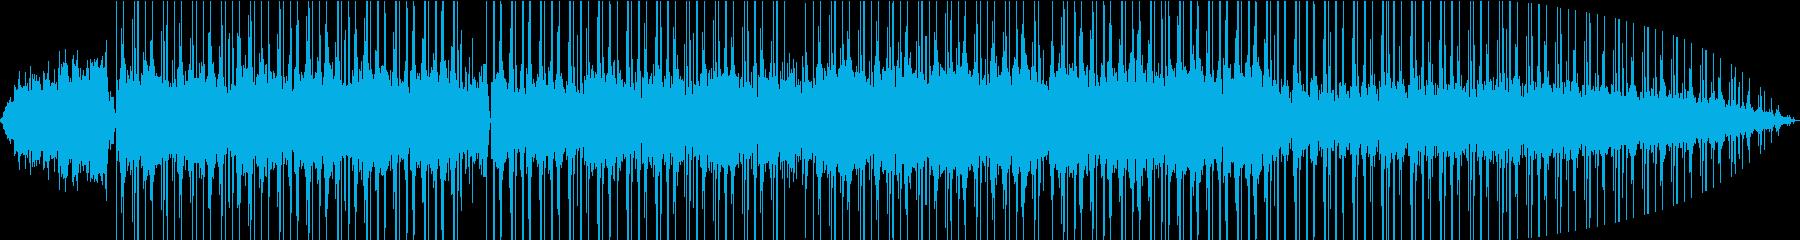 温かいギターとピアノのチルなヒップホップの再生済みの波形